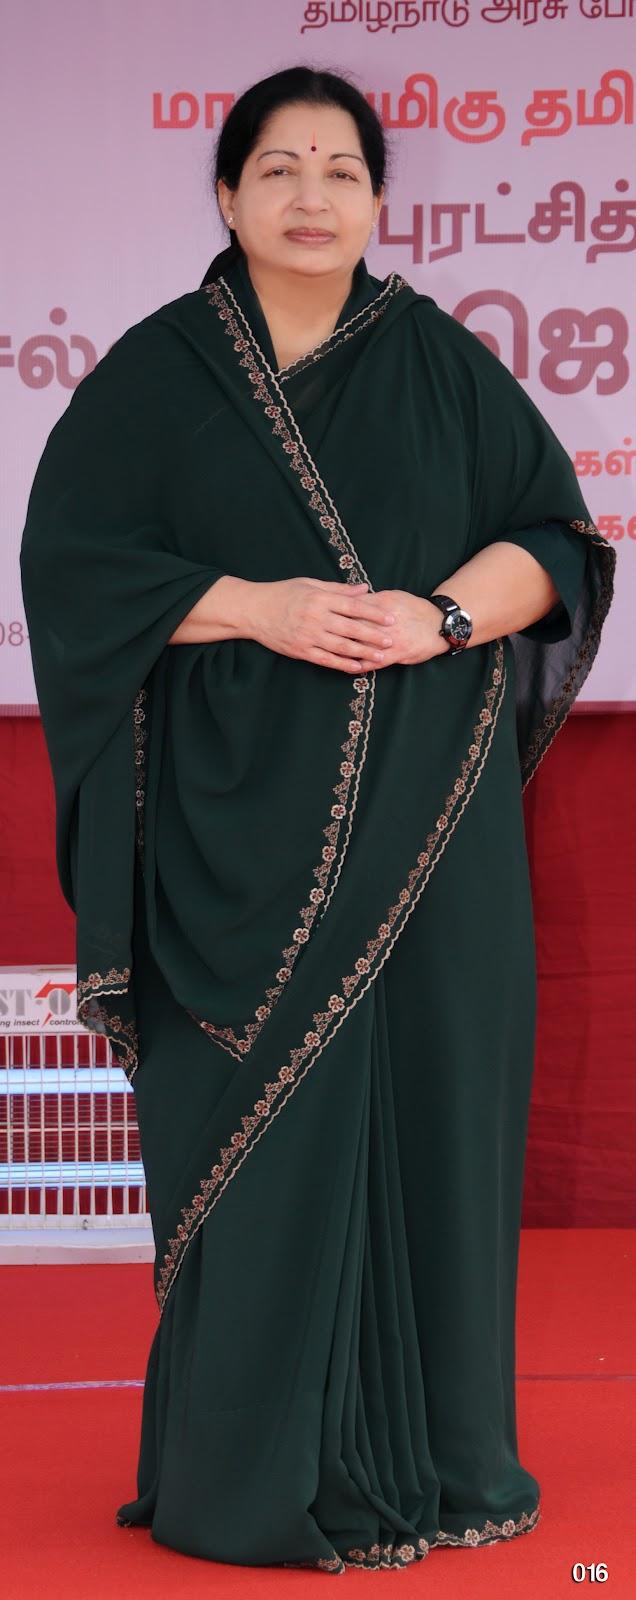 TAMILNADU CHIEF MINISTER SELVI J.JAYALALITHA HIGH QUALITY PHOTOS - Indian Actress Hot Photos and ...